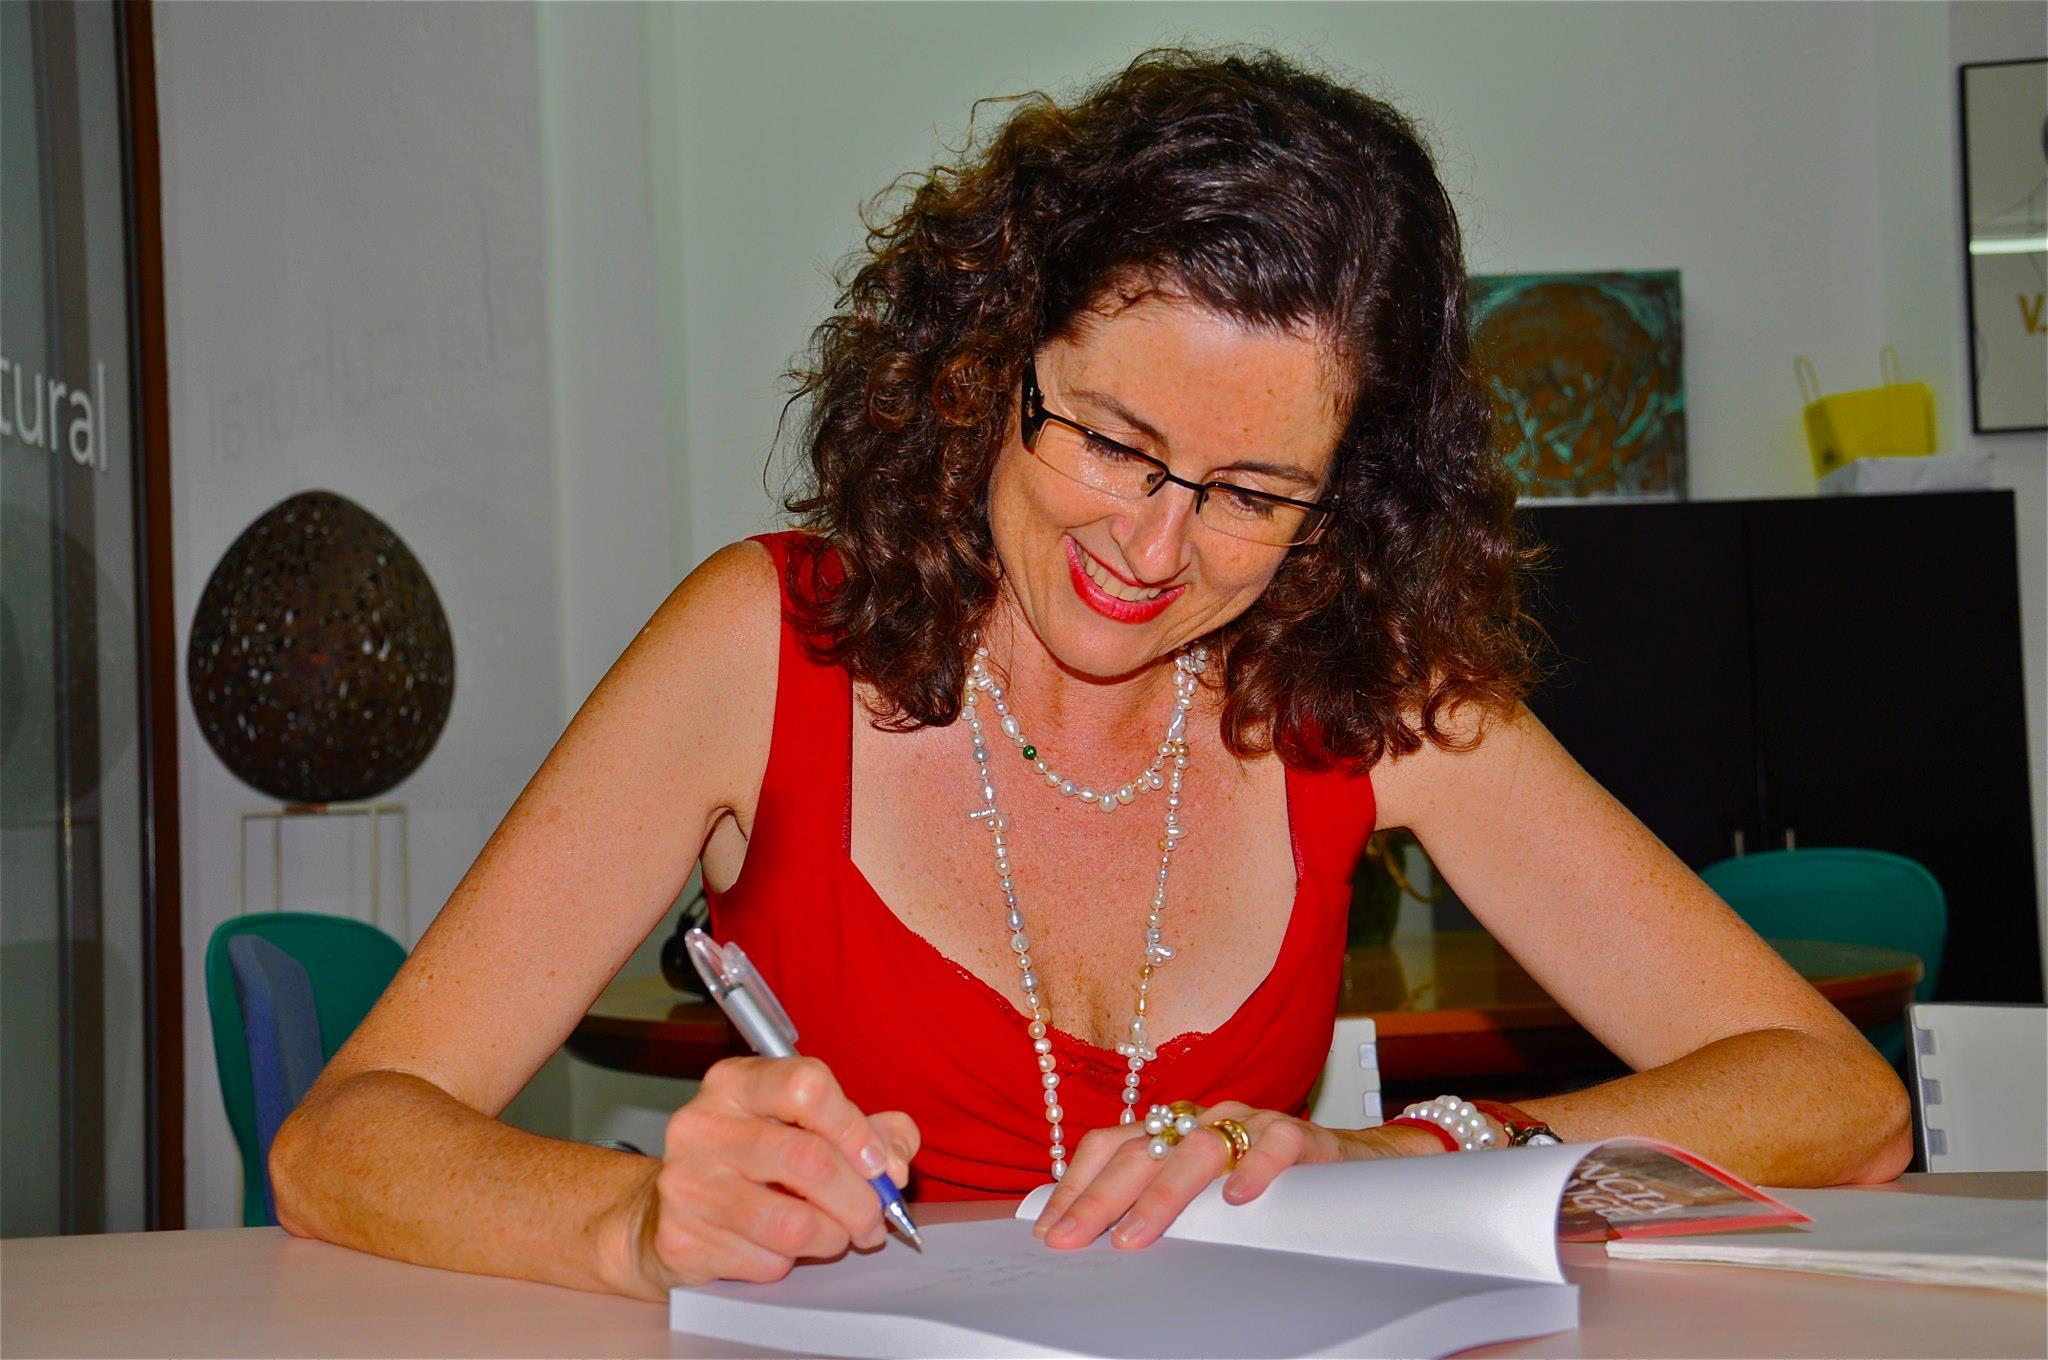 RUTH FIRMANDO. FOTO DE ISABEL NICOLAS